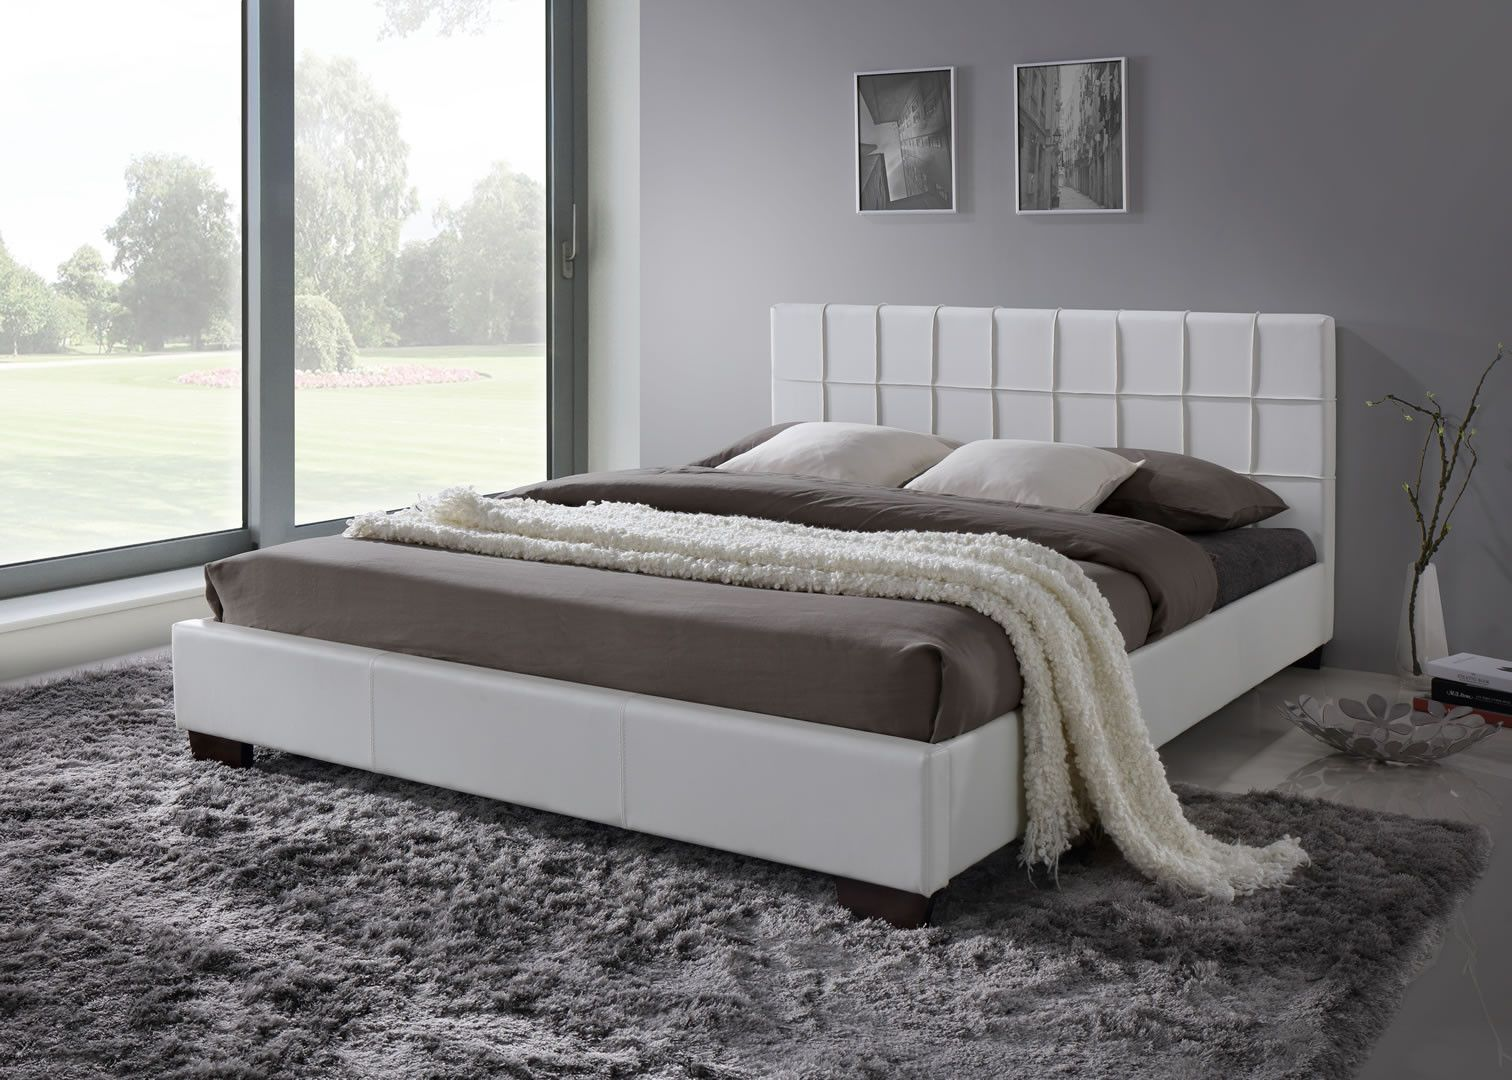 meuble blanc lit 140 x 200 cm avec t te de lit design et. Black Bedroom Furniture Sets. Home Design Ideas